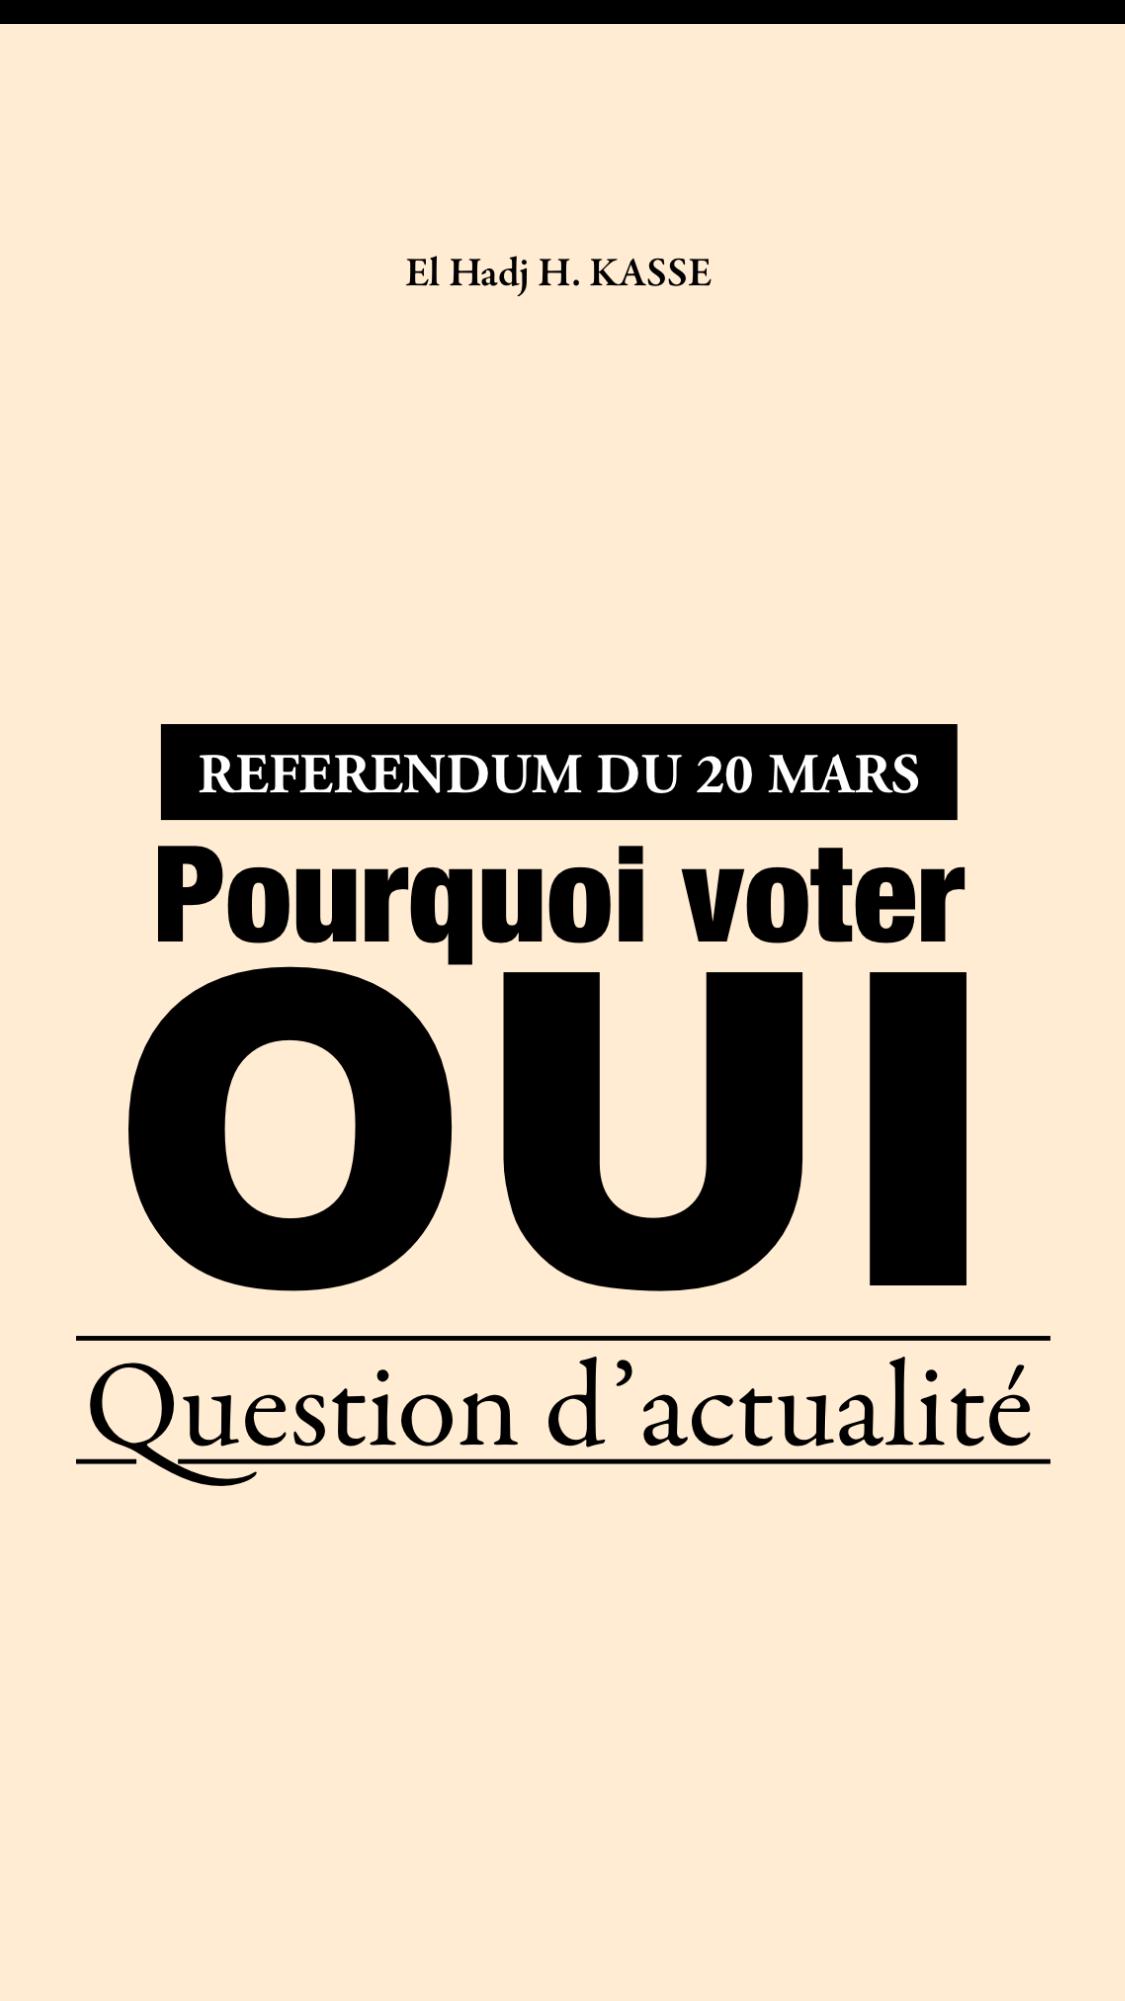 RÉFÉRENDUM DU 20 MARS : Pourquoi voter OUI ?